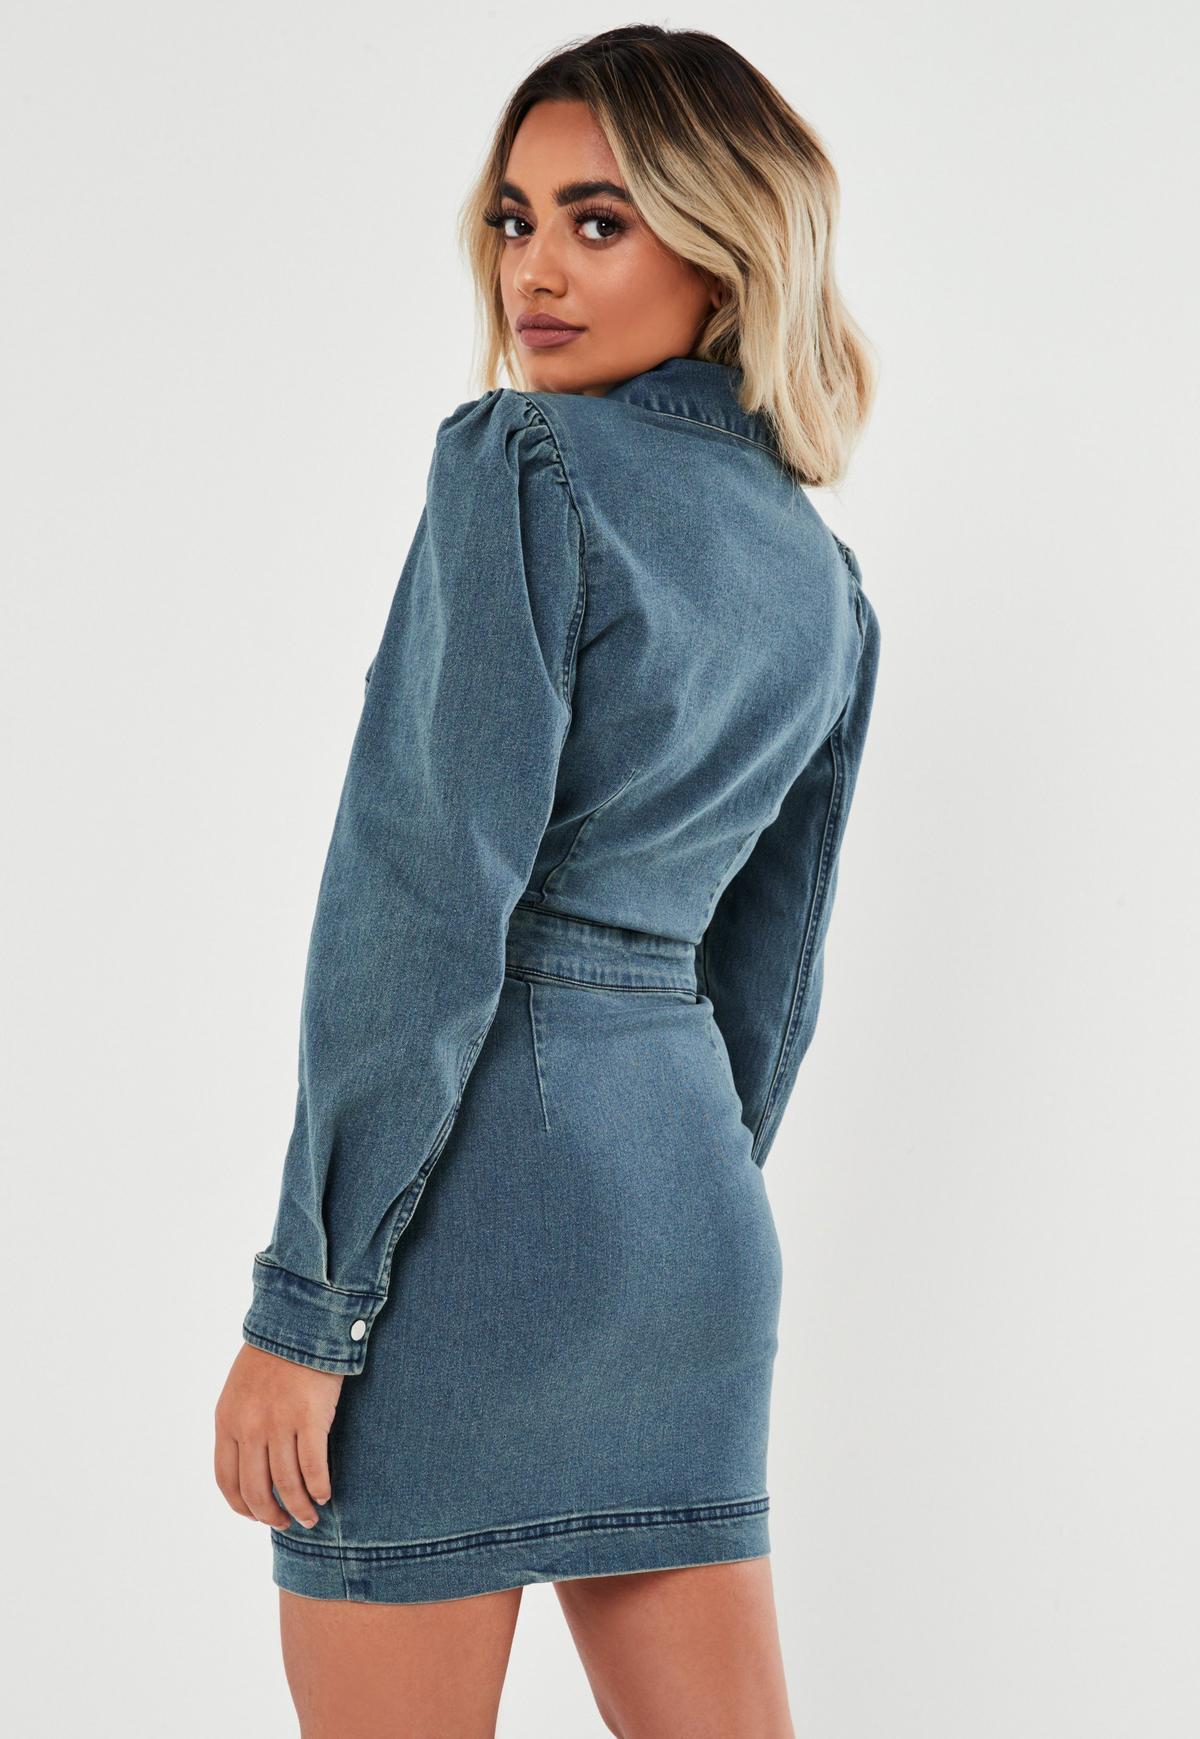 Kleid aus Denim in Blau mit Puffärmeln und Reißverschluss ...